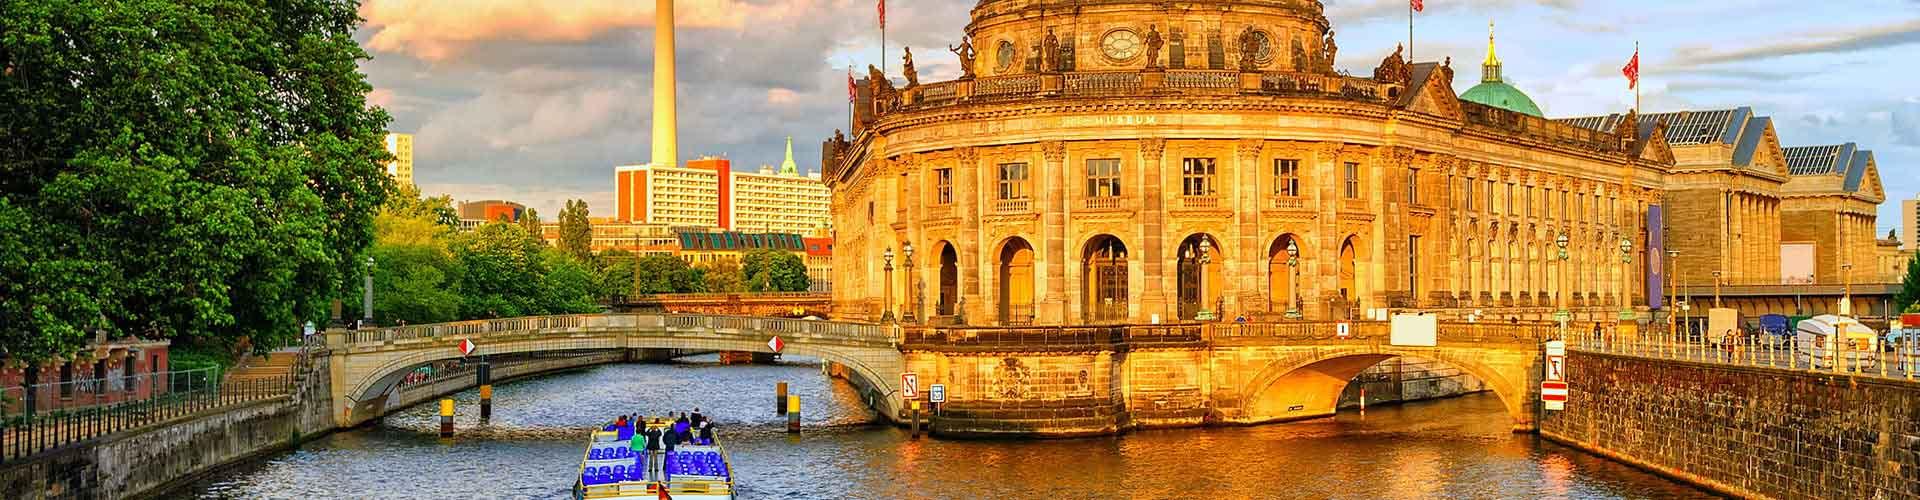 베를린 - Moabit지역에 위치한 호스텔. 베를린의 지도, 베를린에 위치한 호스텔에 대한 사진 및 리뷰.